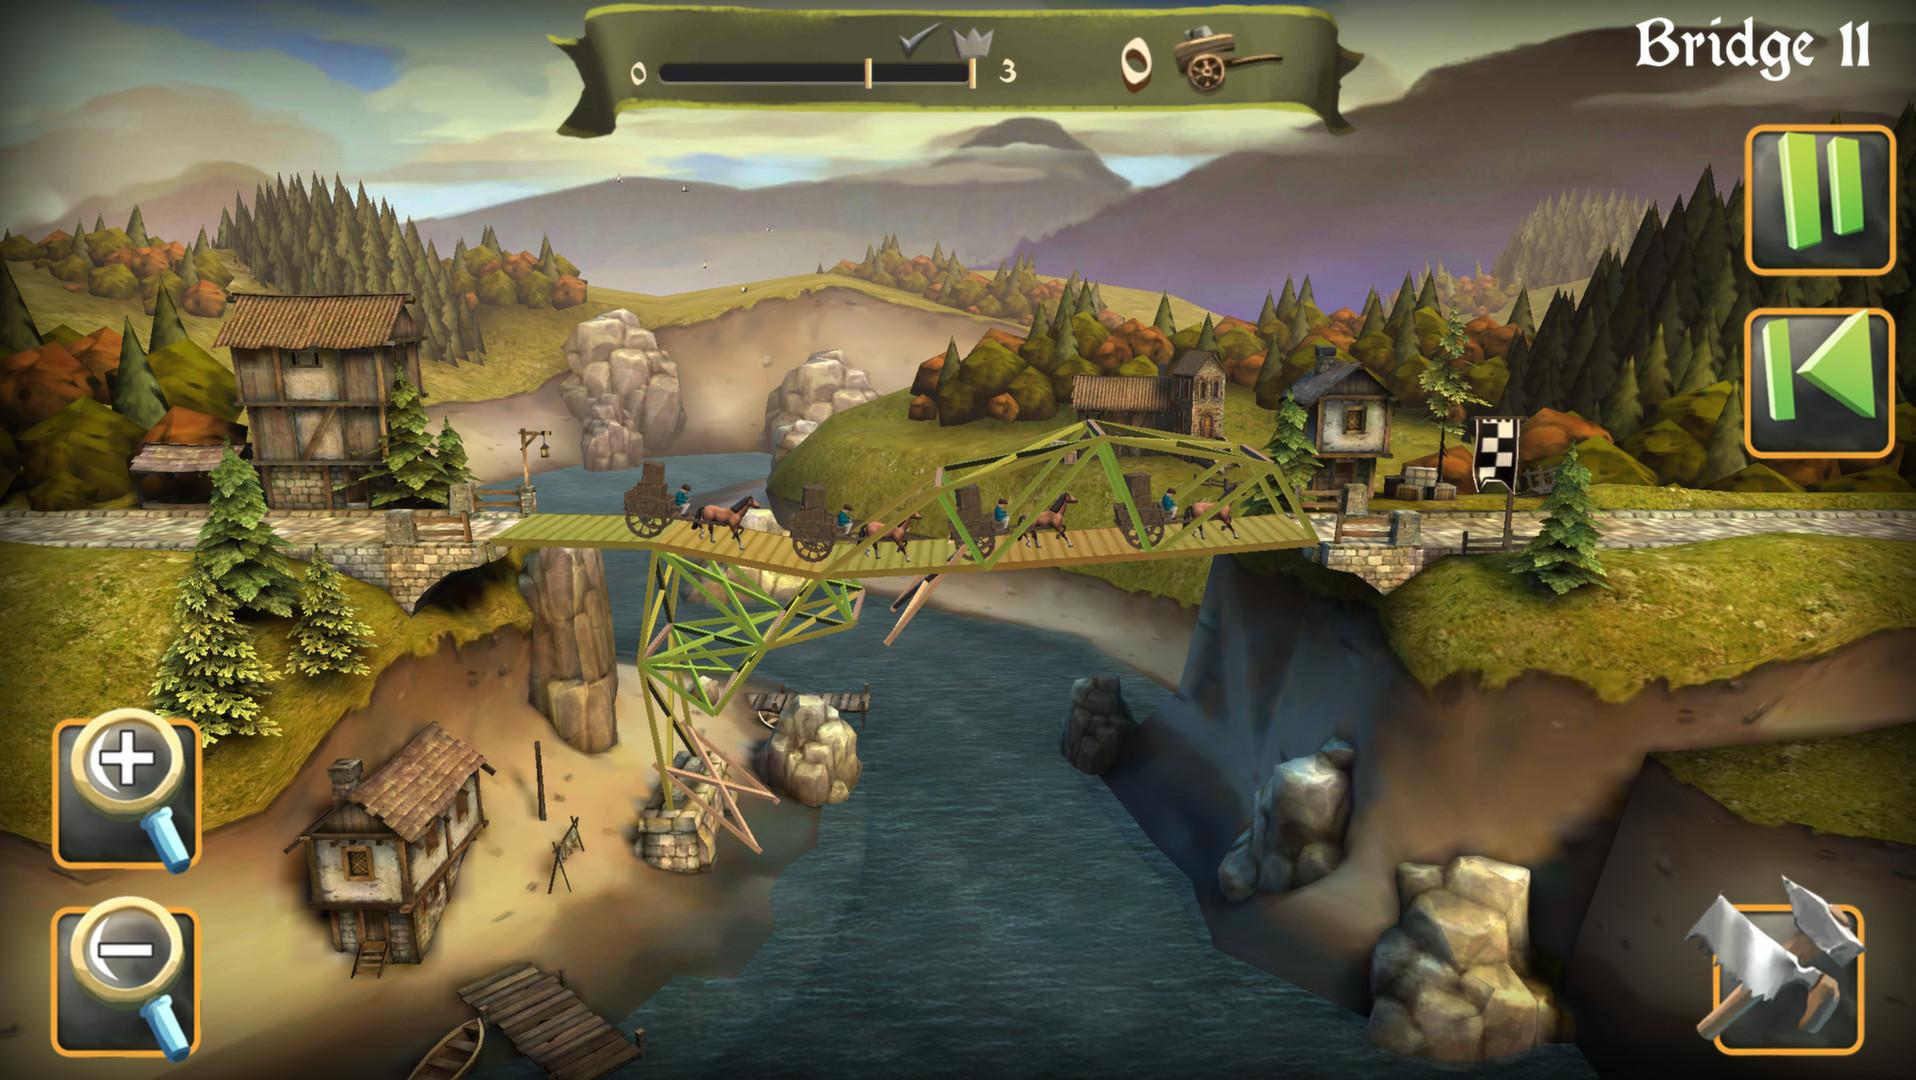 桥梁构造者:中世纪游戏图片欣赏